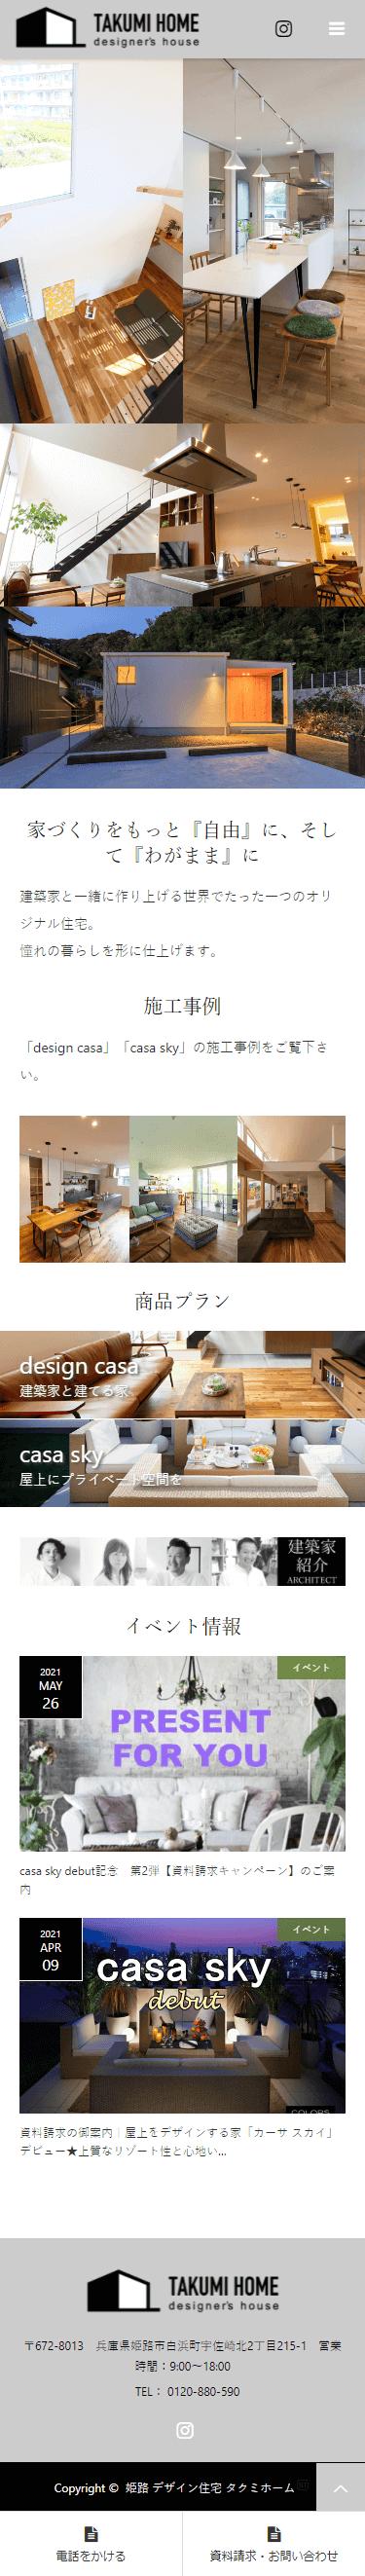 姫路市 株式会社タクミホーム ホームページ制作3